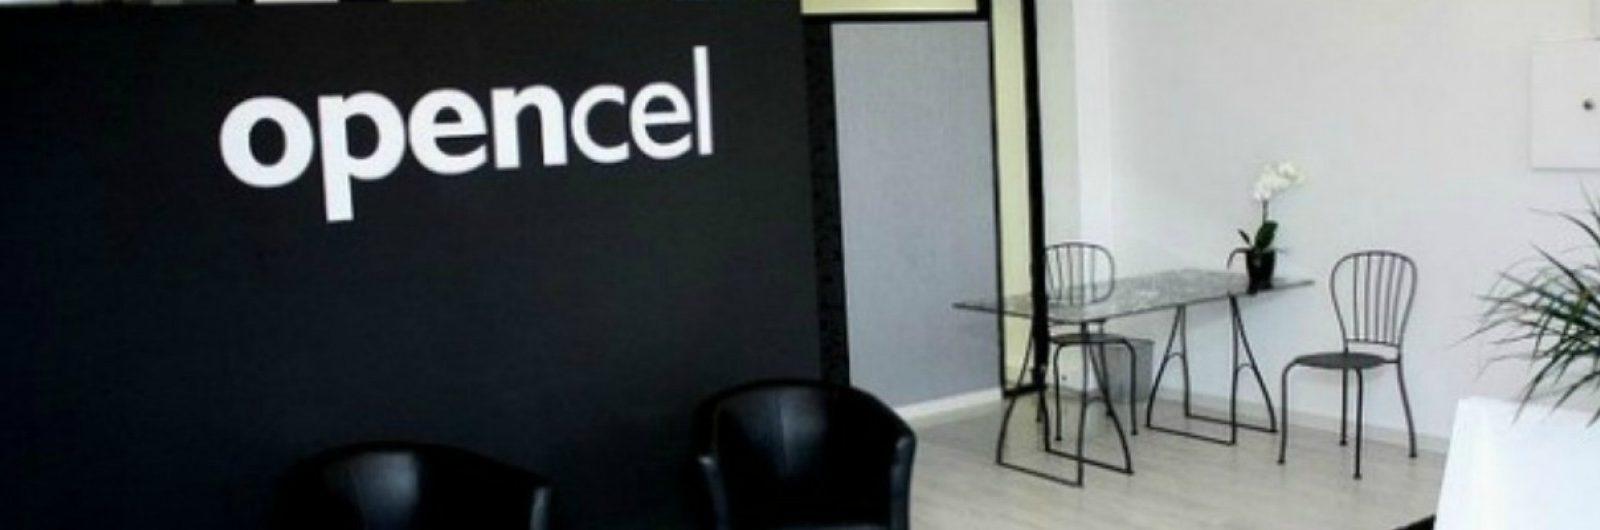 Opencel lança novo tratamento de branqueamento dentário